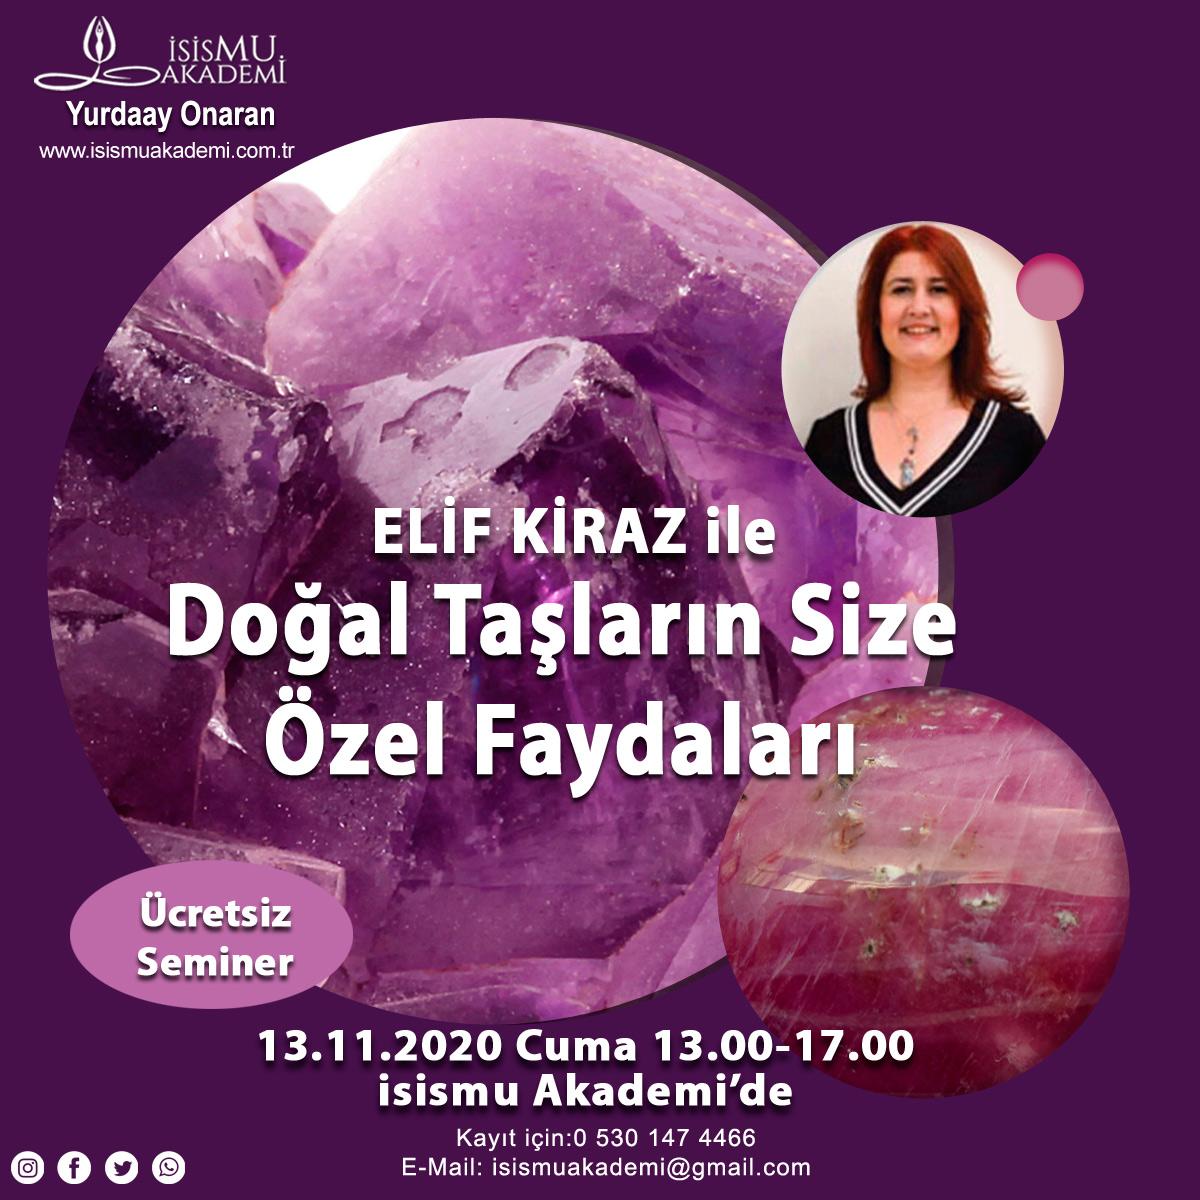 DOĞAL TAŞLARIN SİZE ÖZEL FAYDALARI /13.11.2020